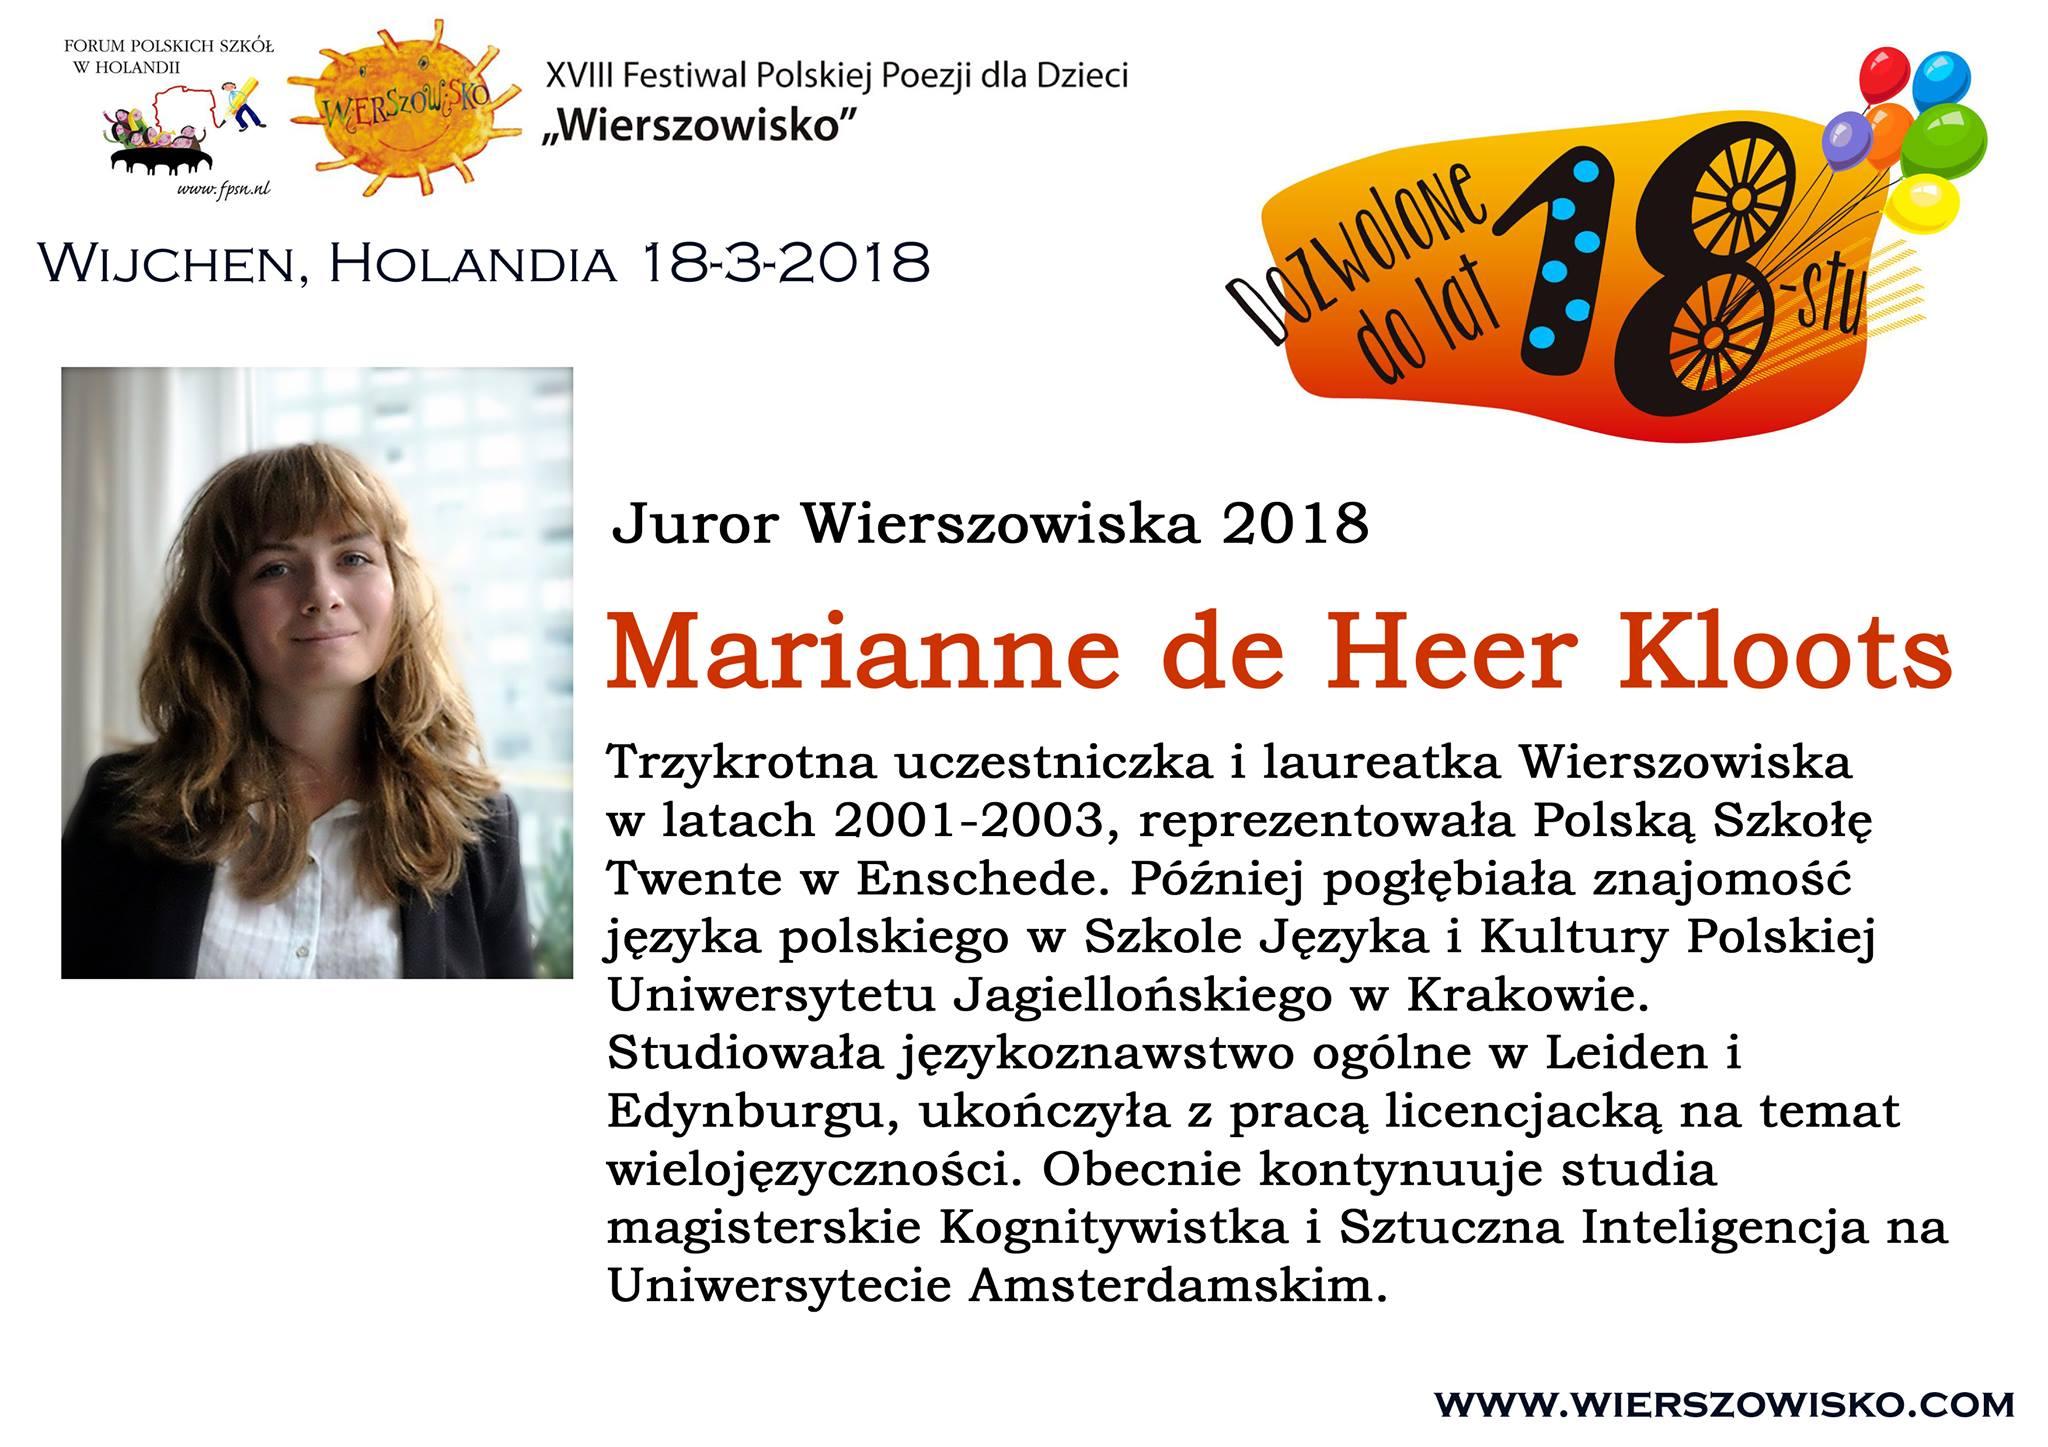 7. Marianne de Heer Kloots